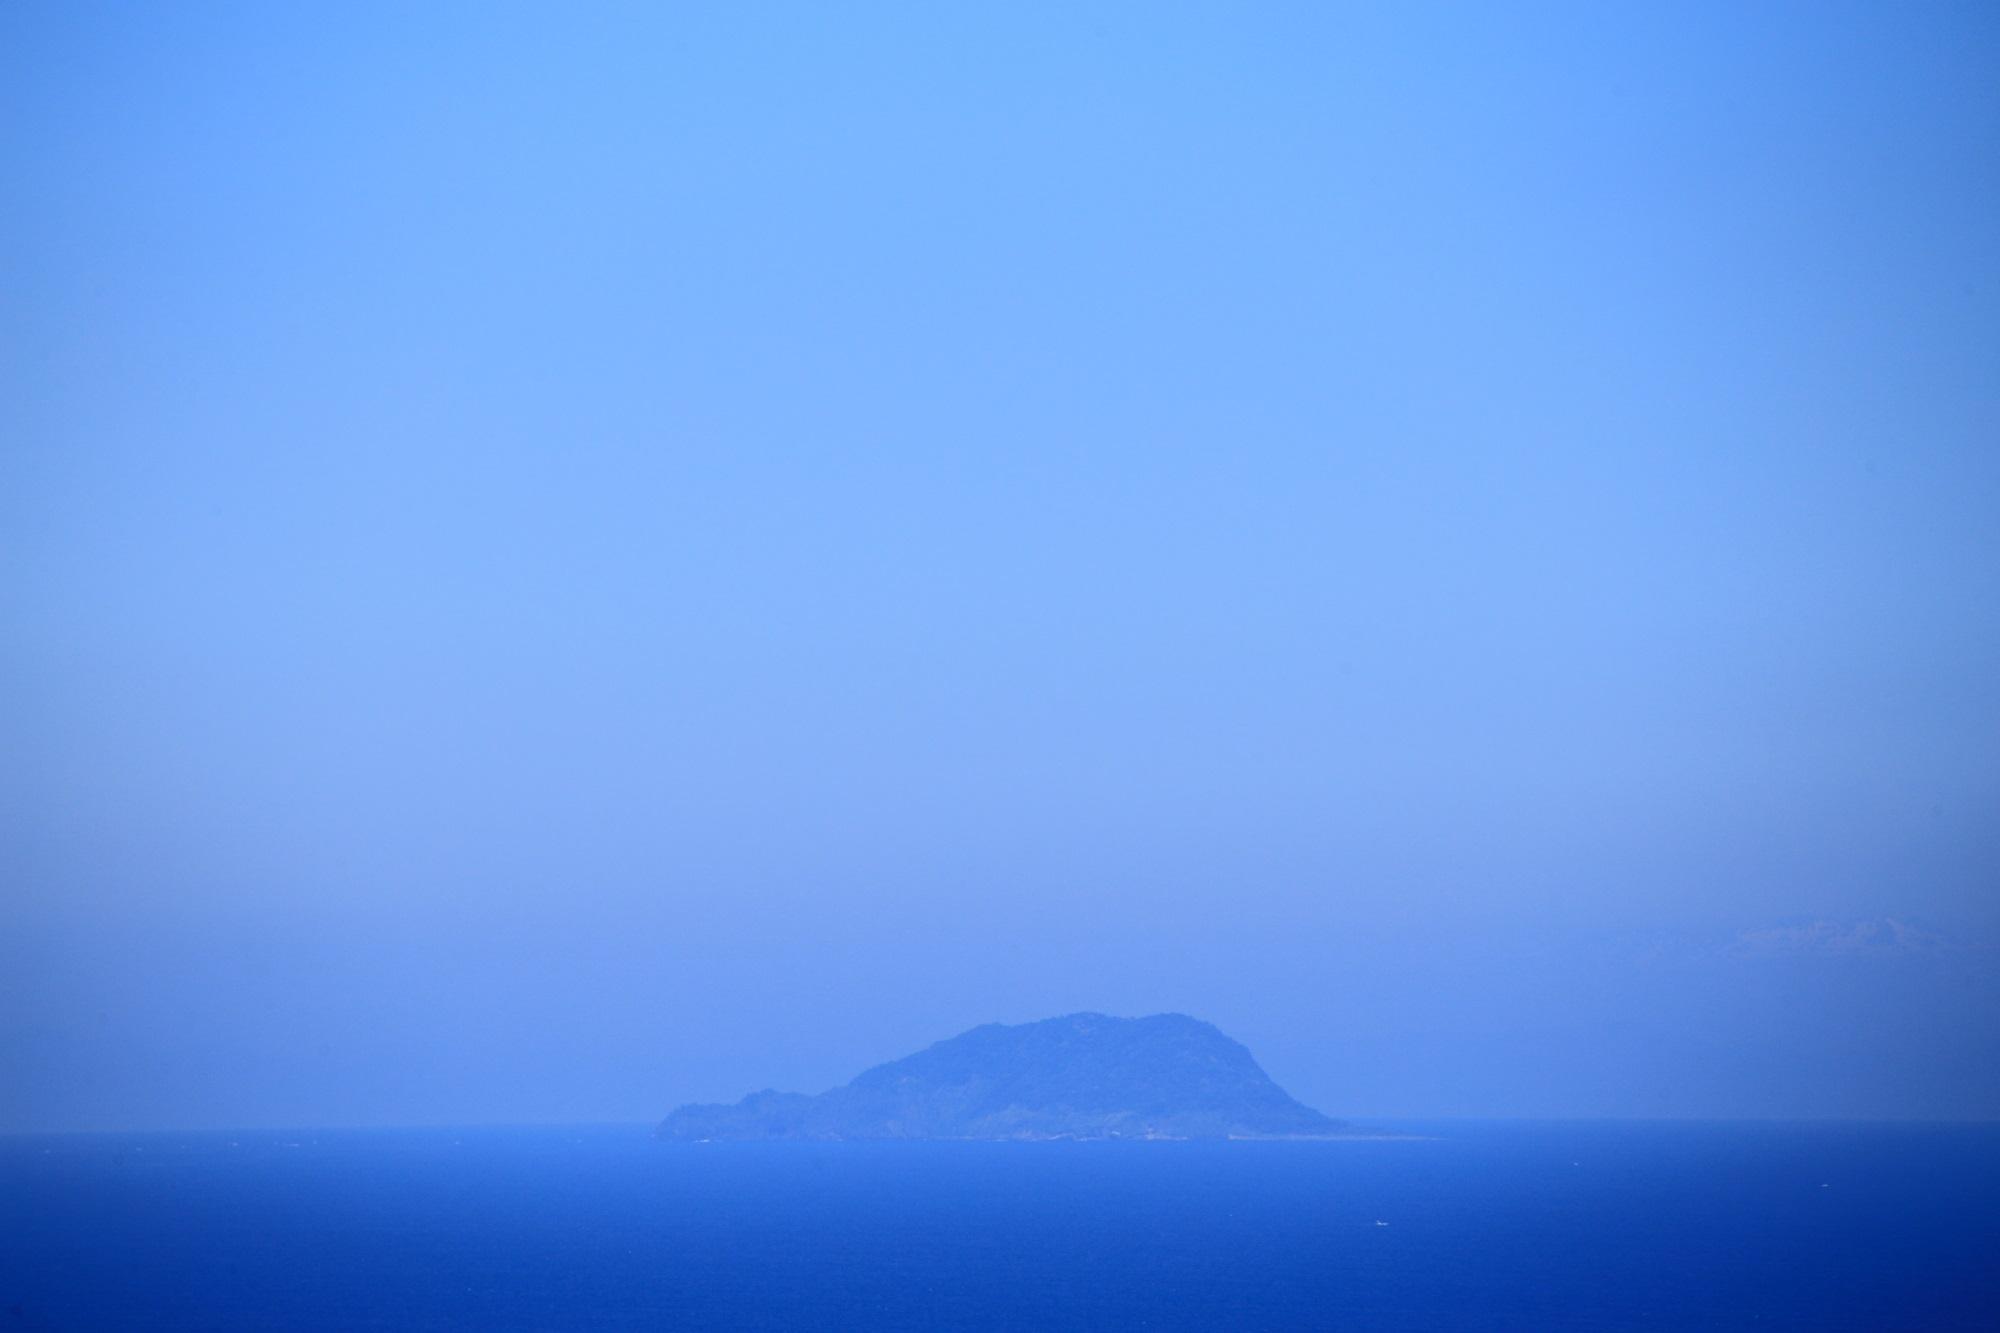 傘松公園から遠くに見える遠くに見える冠島と沓島